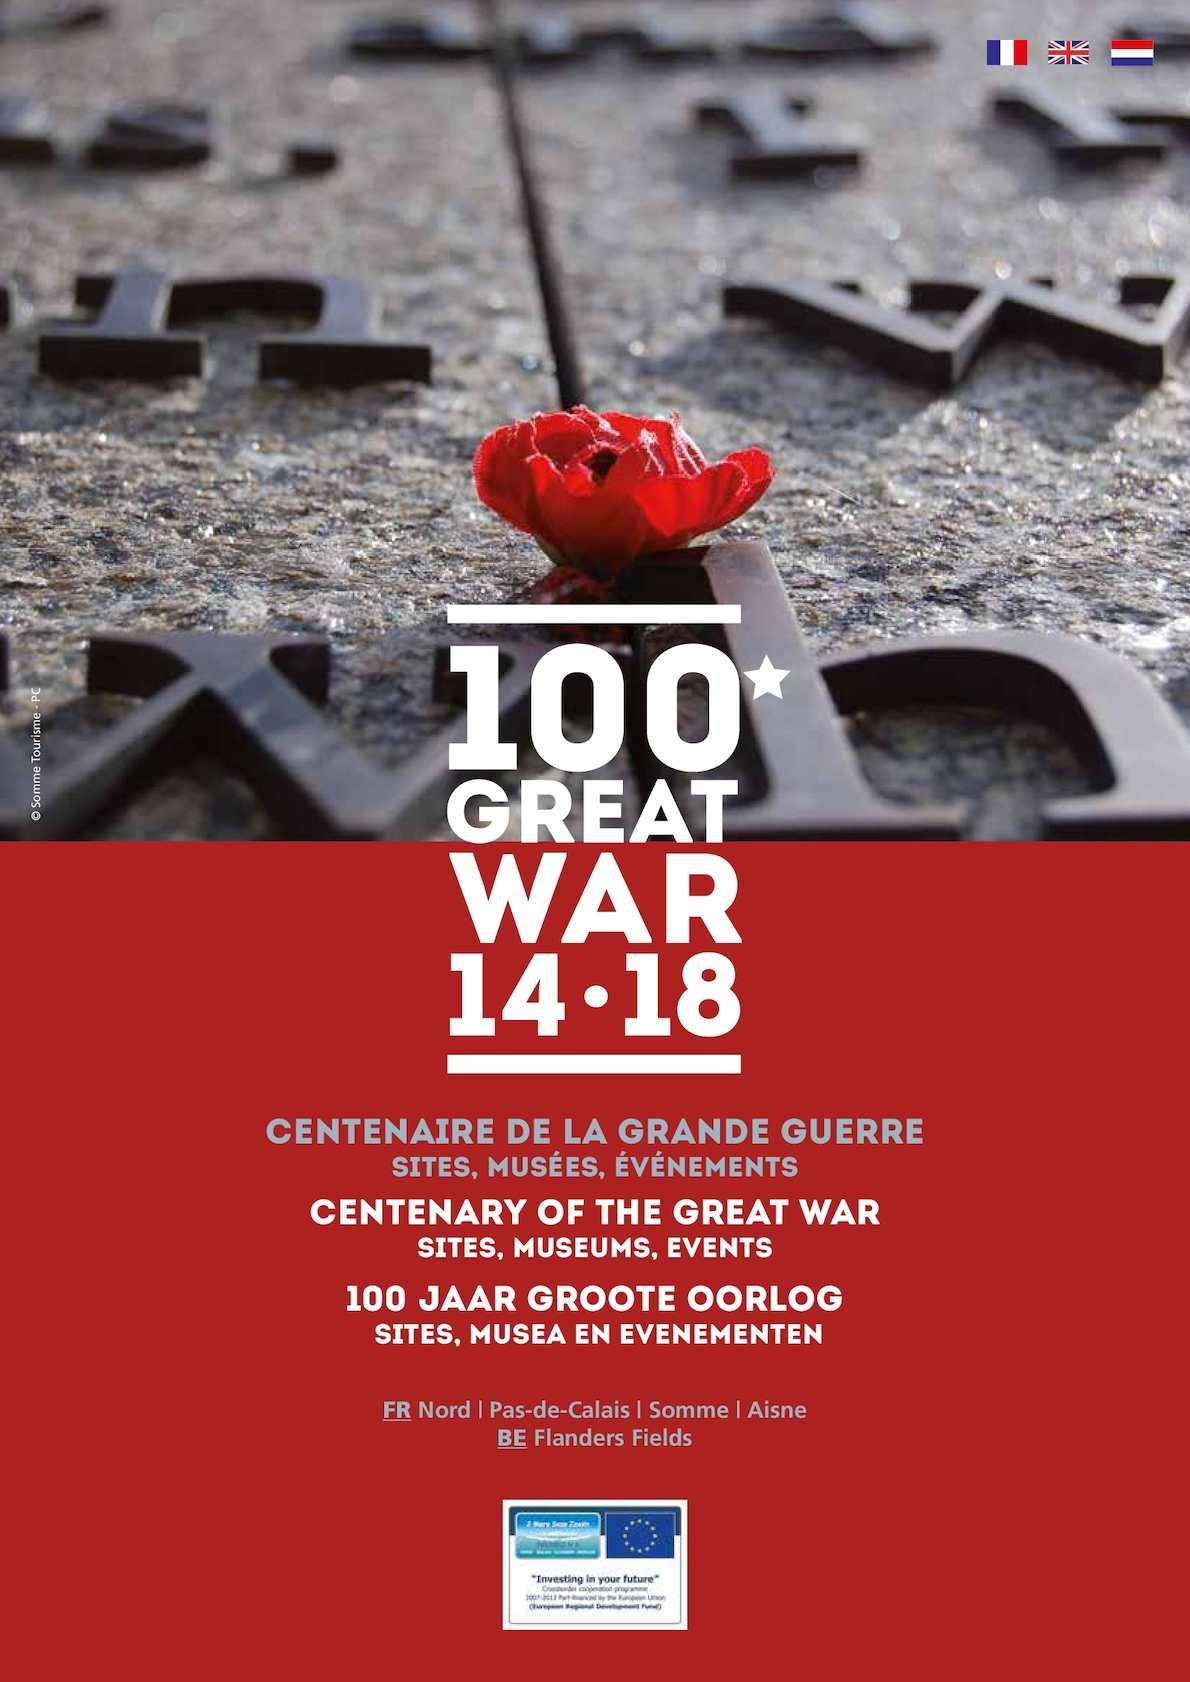 Centenaire de la grande Guerre - Great War